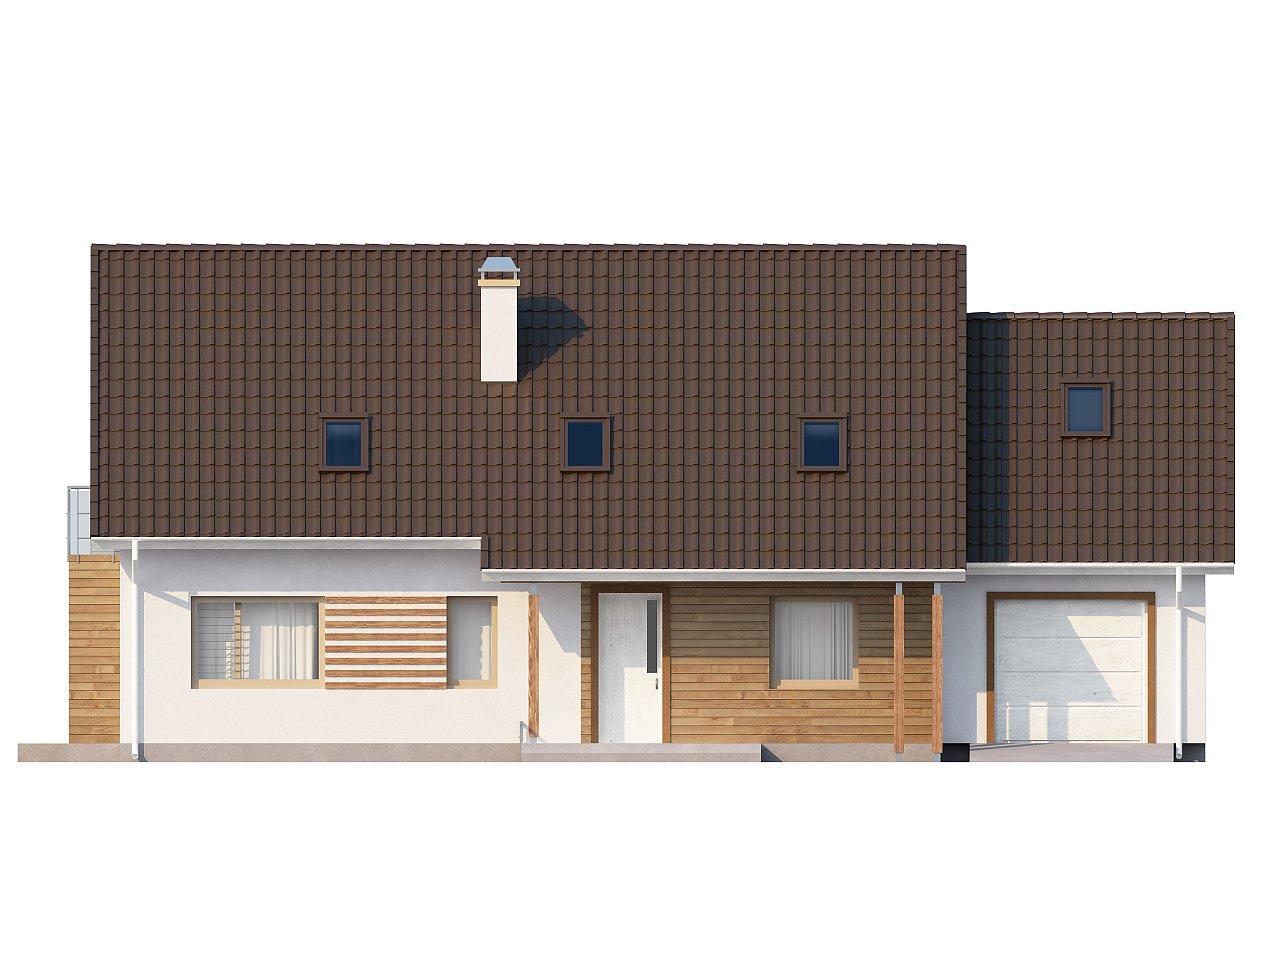 Проект просторного функционального дома с мансардой, гаражом для одной машины и дополнительной спальней на первом этаже. 3